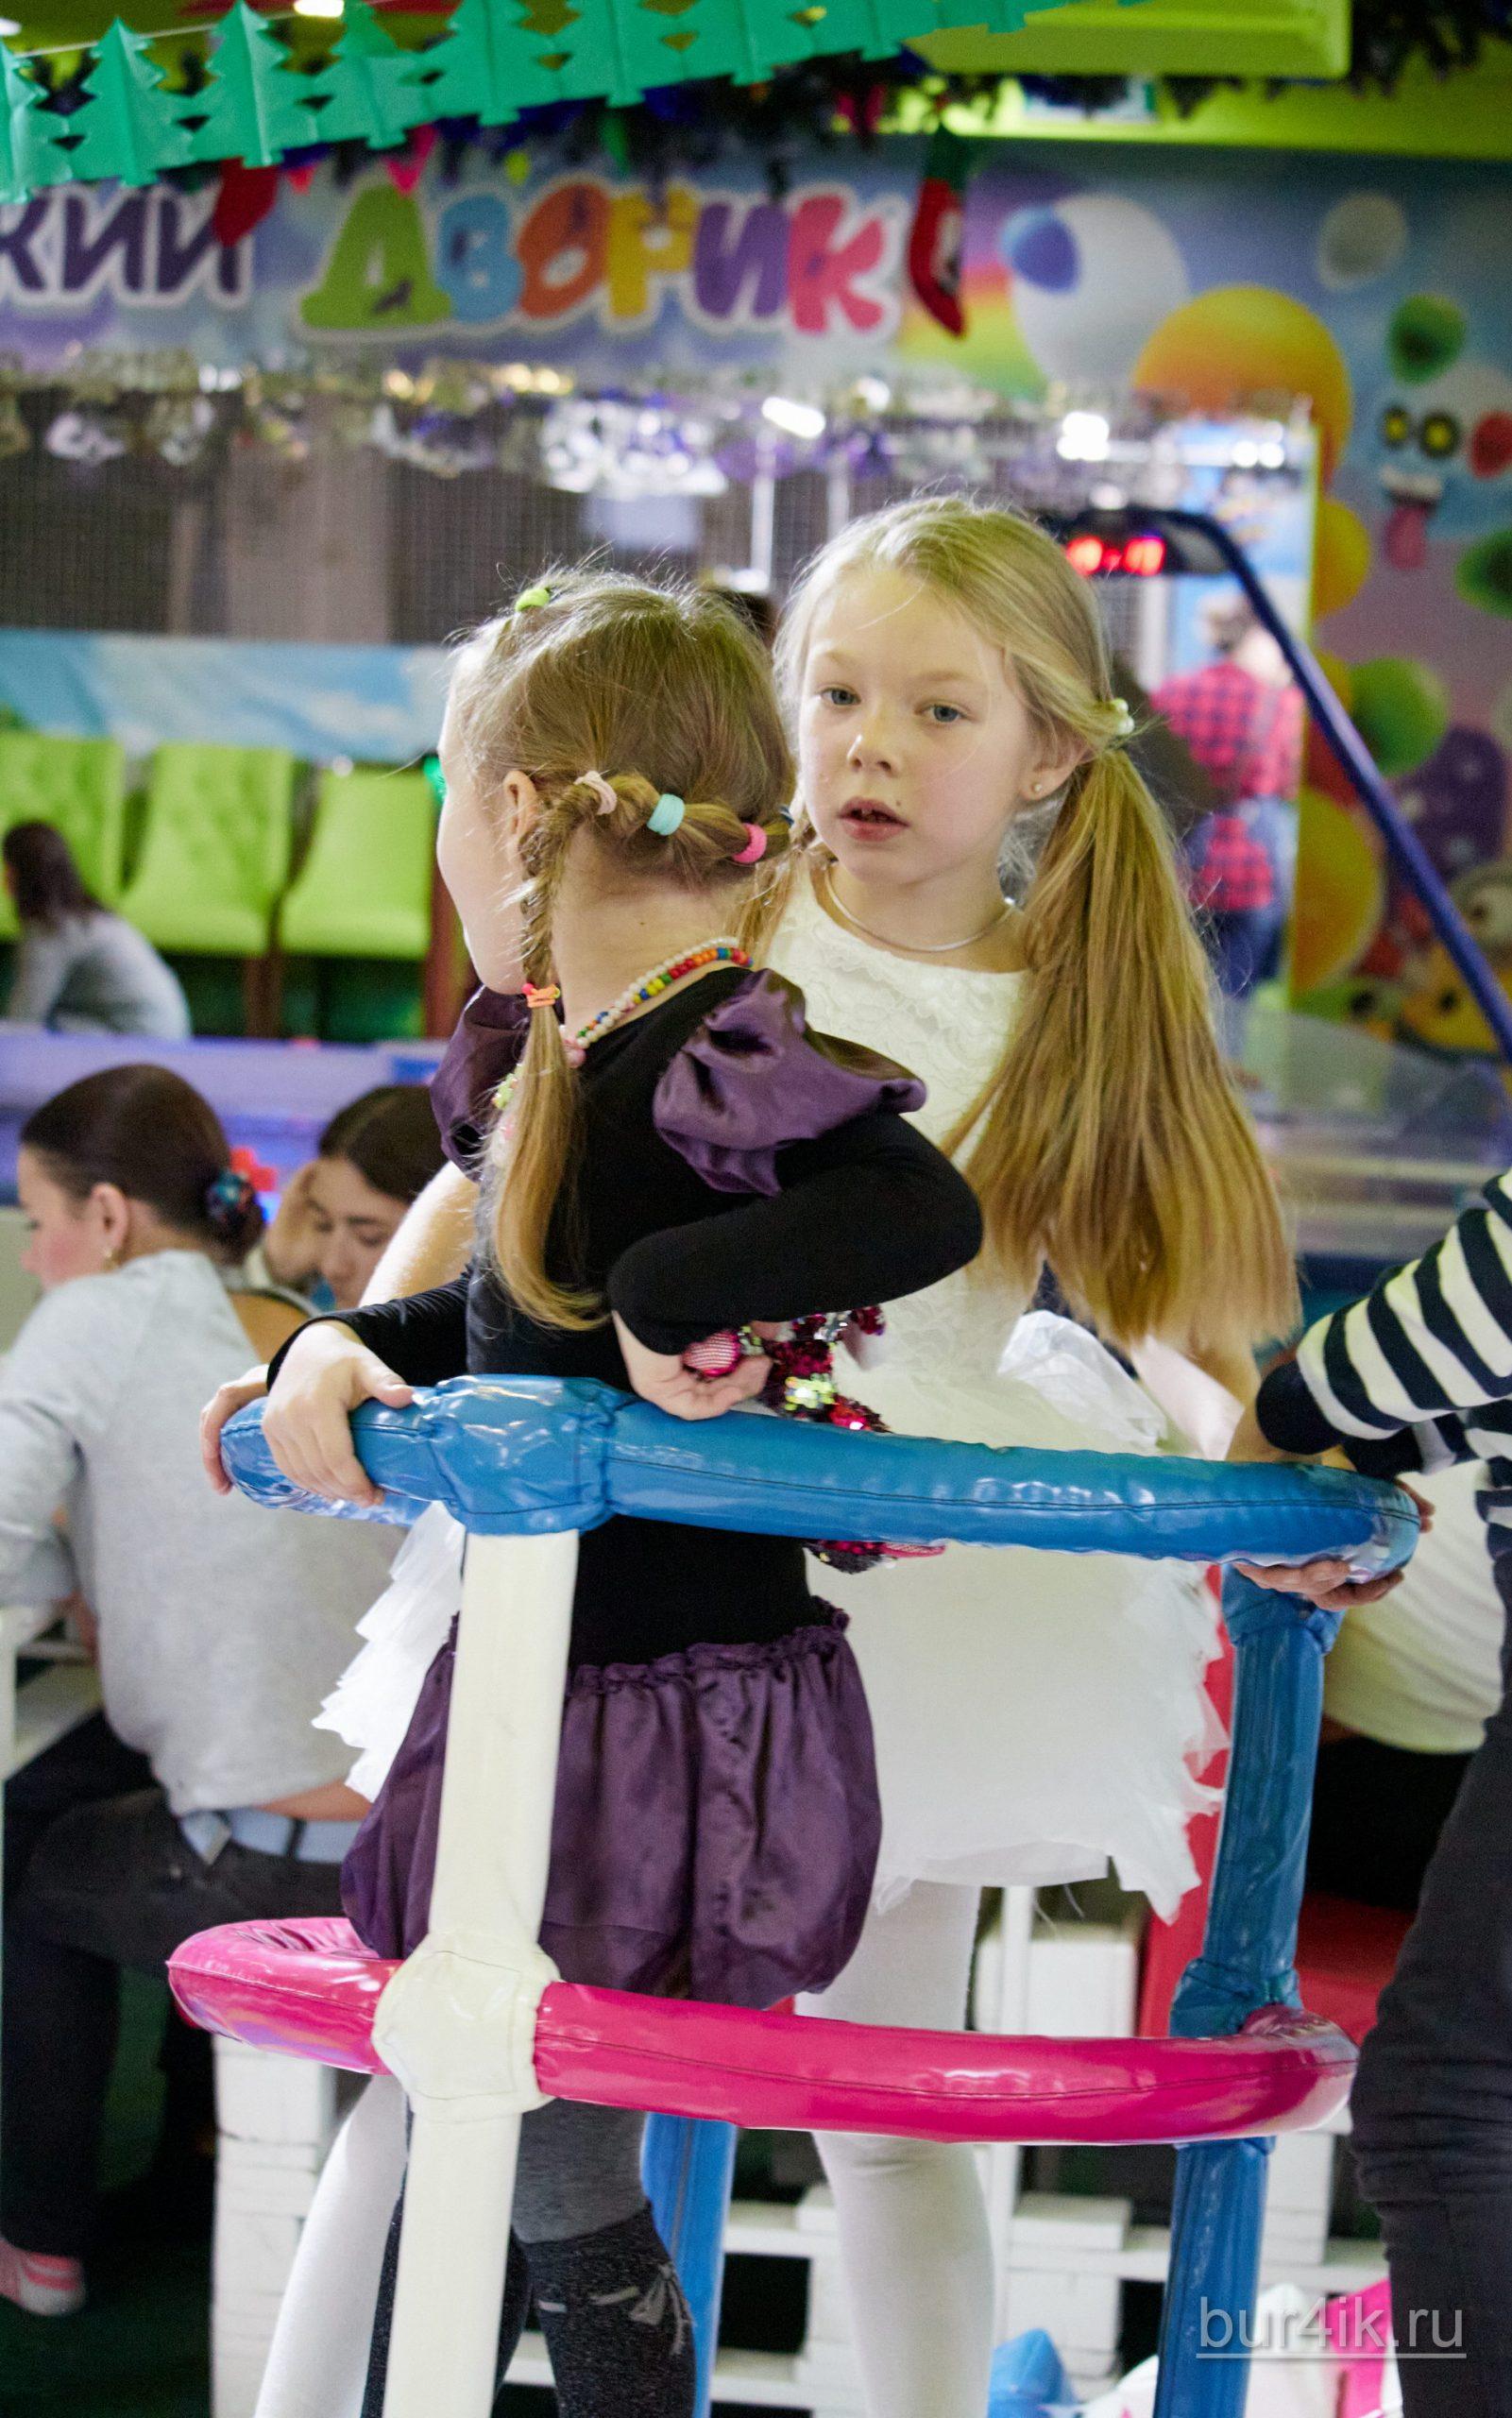 Фото Детское День Рождения в Детский Дворик 15.01.2020 №327 -photo- bur4ik.ru